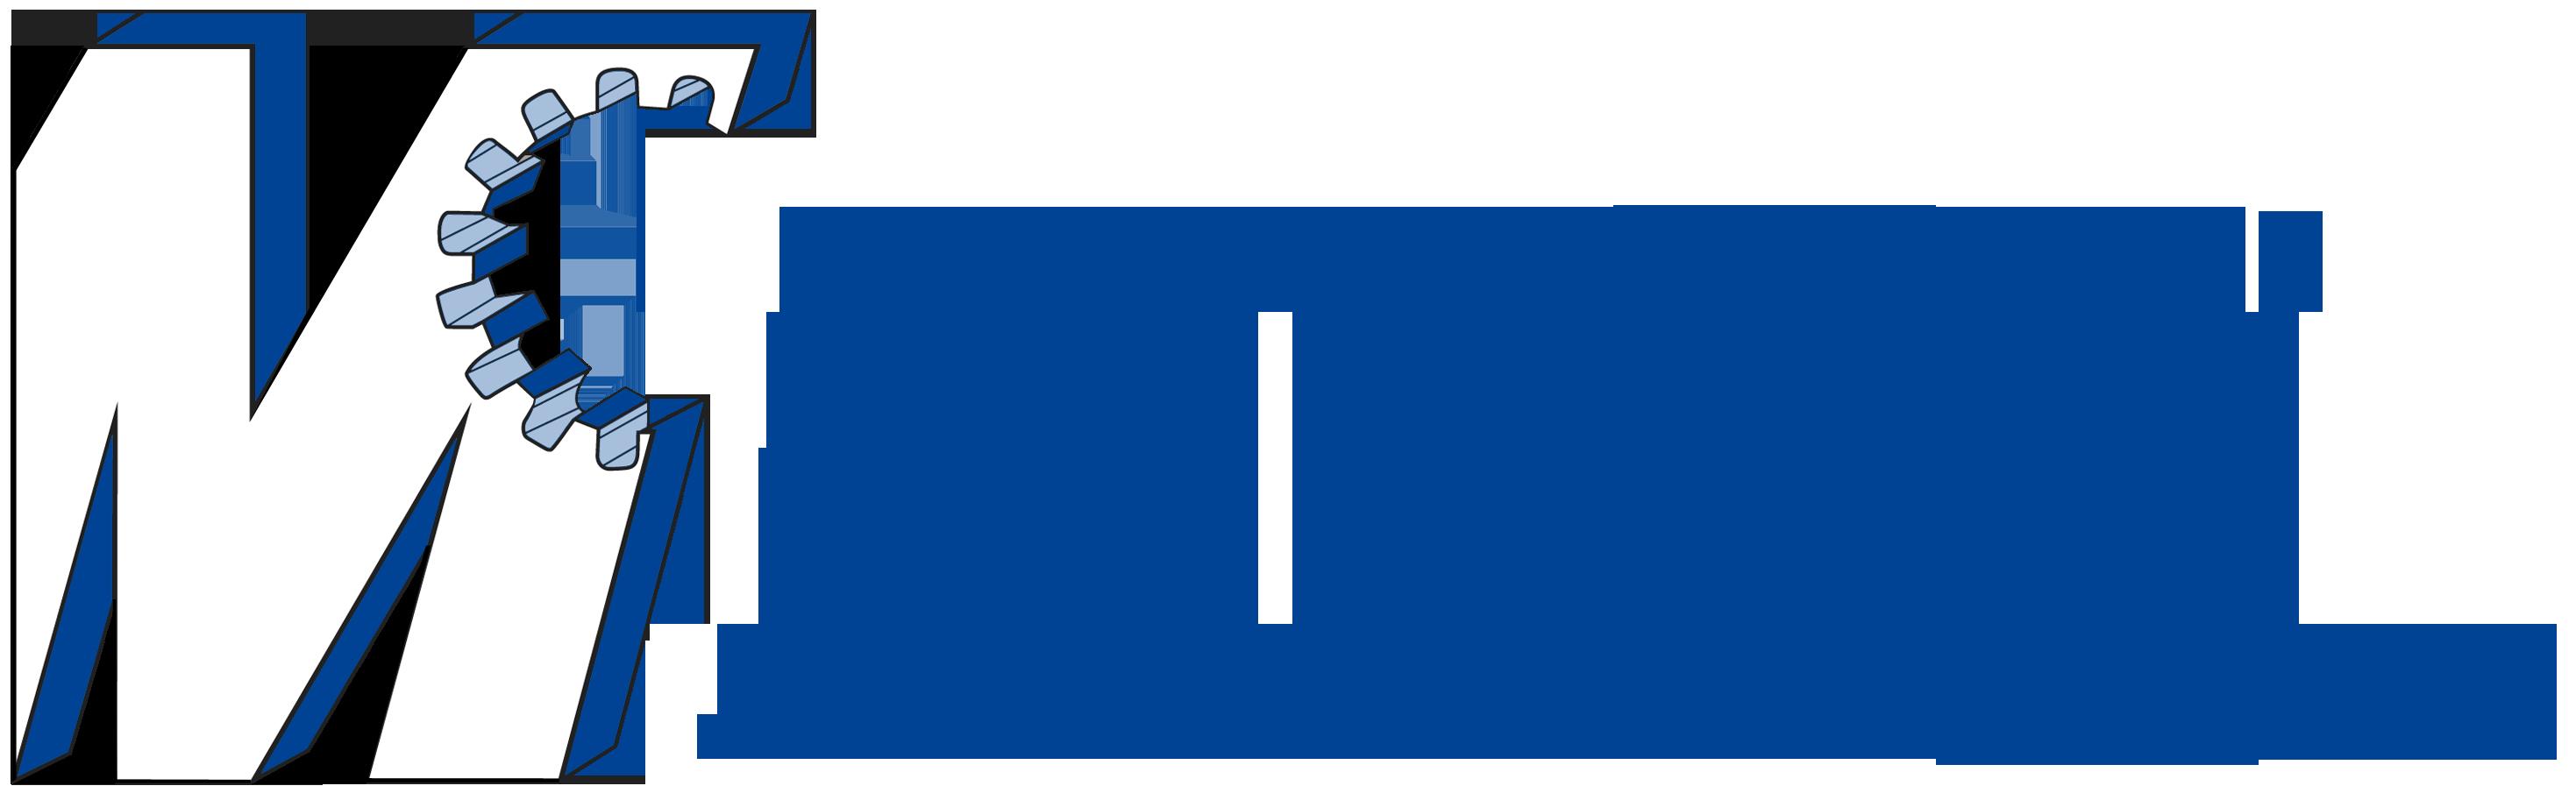 Conception Maximo